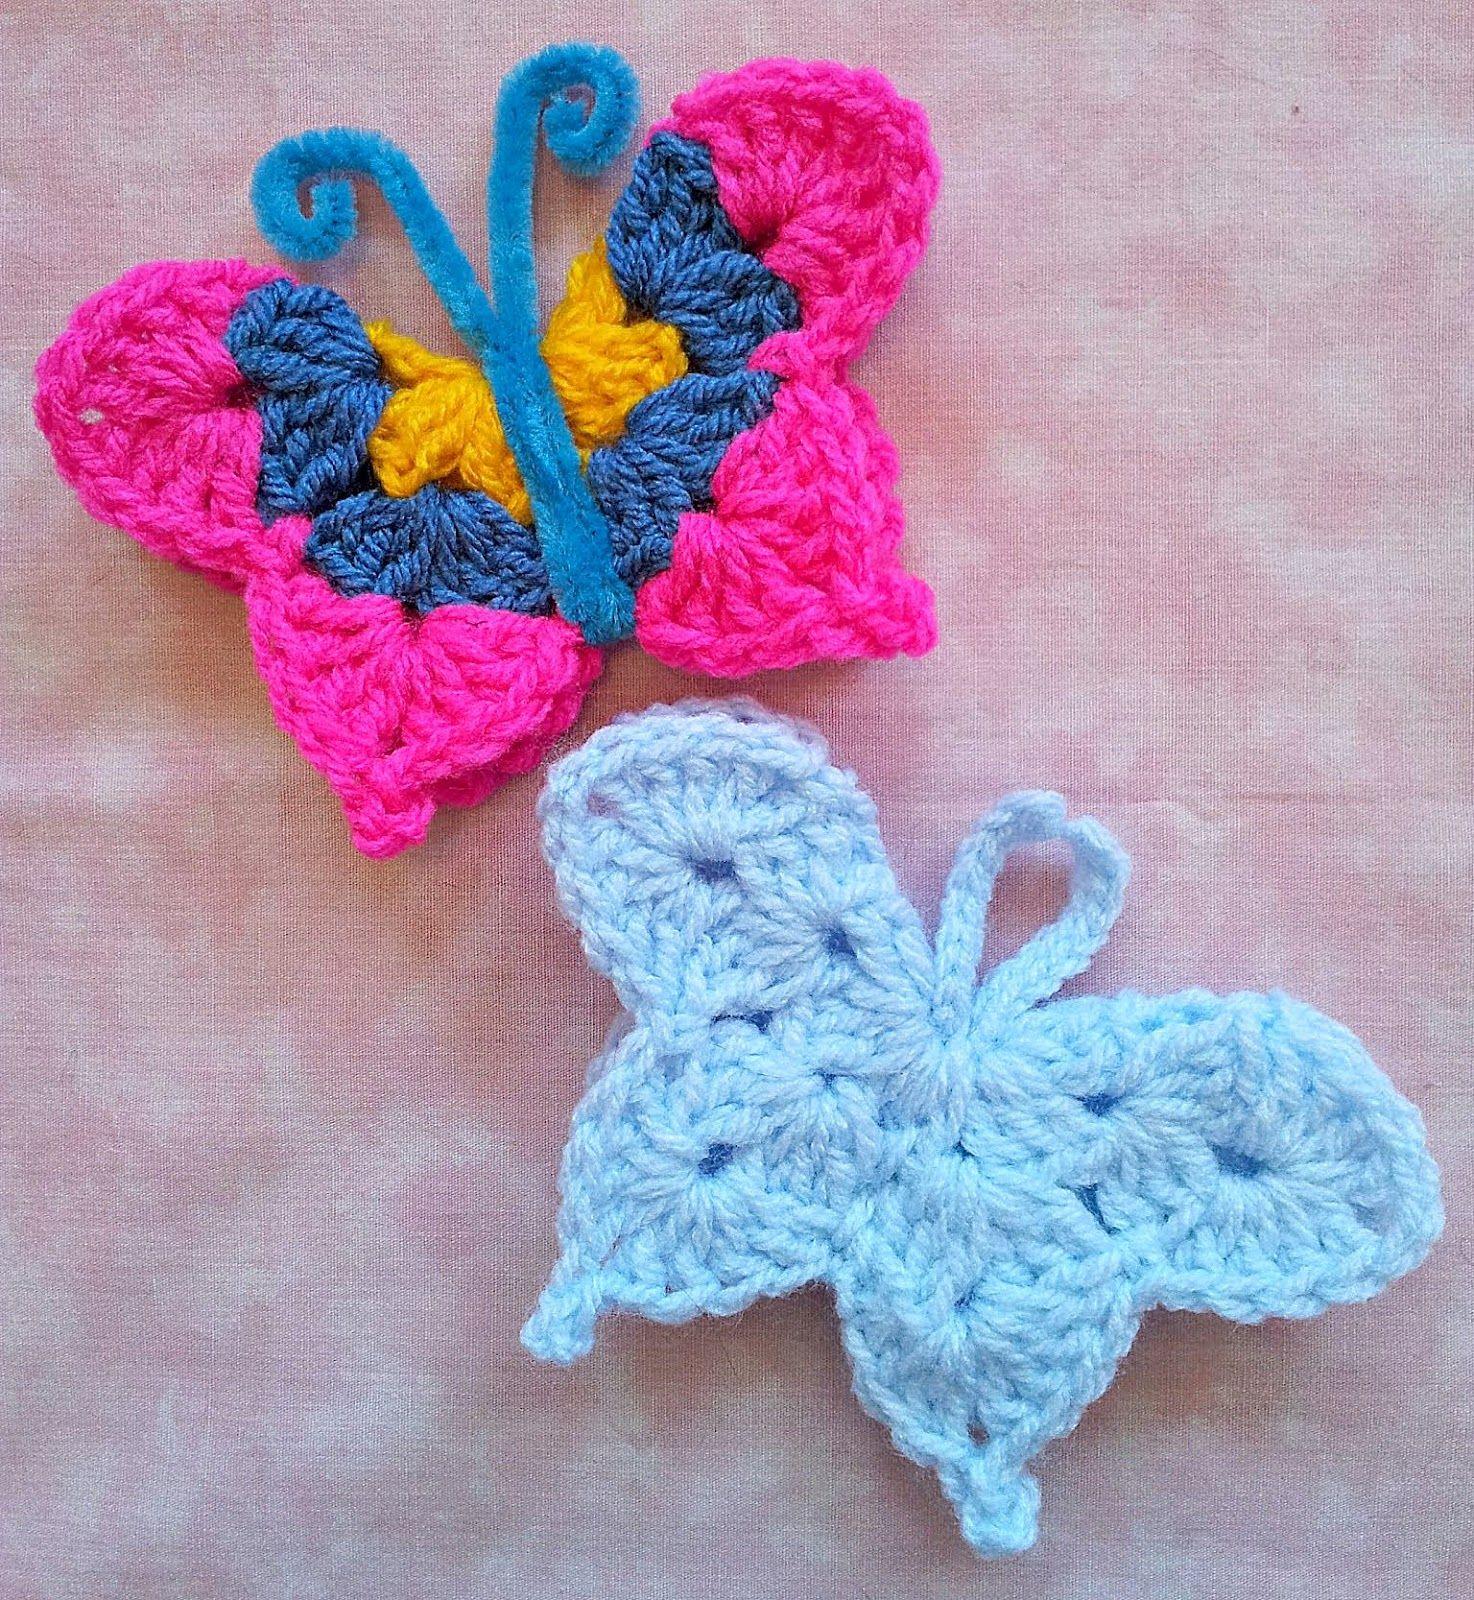 Fridgie Butterfly | Crochet & Knitting Odds-n-Ends | Pinterest ...